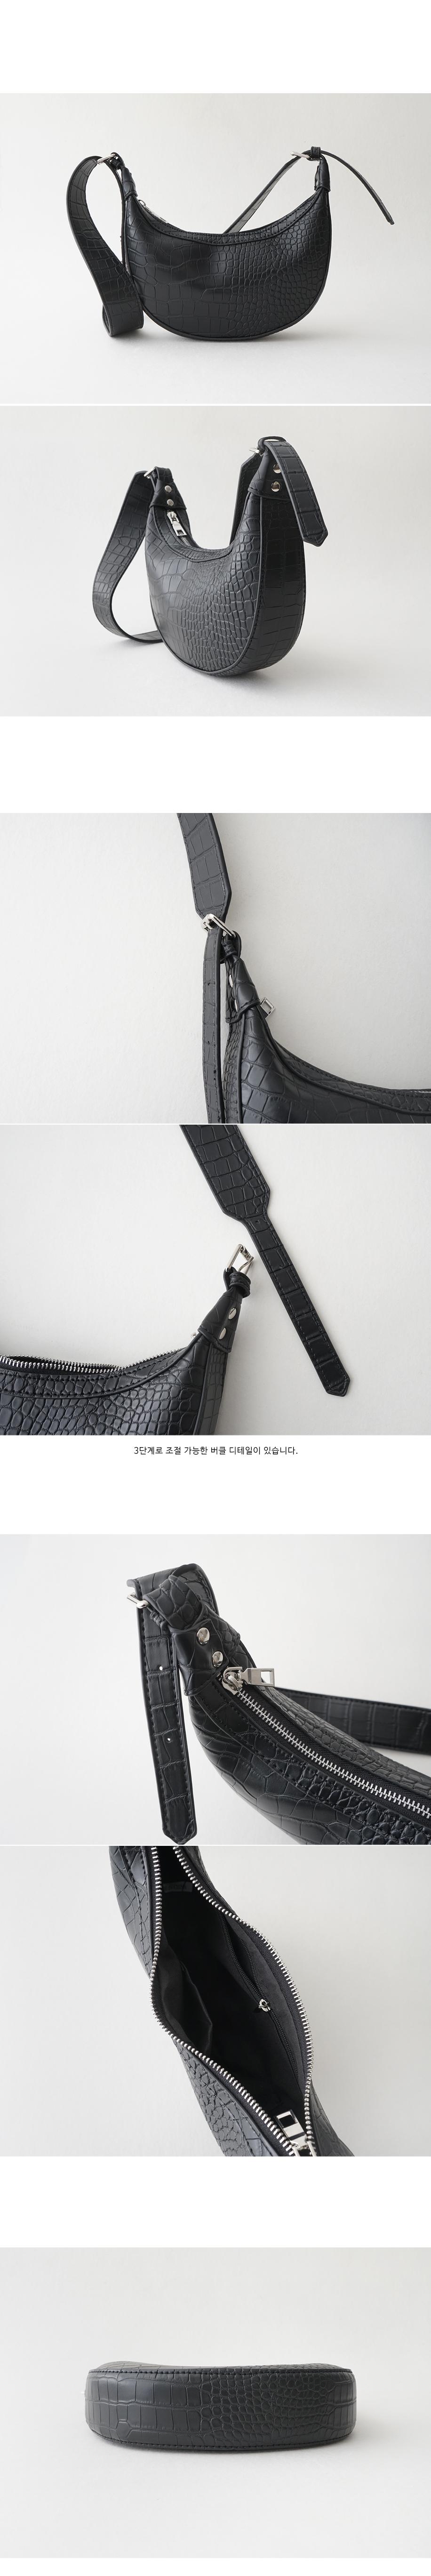 crocodile half moon bag